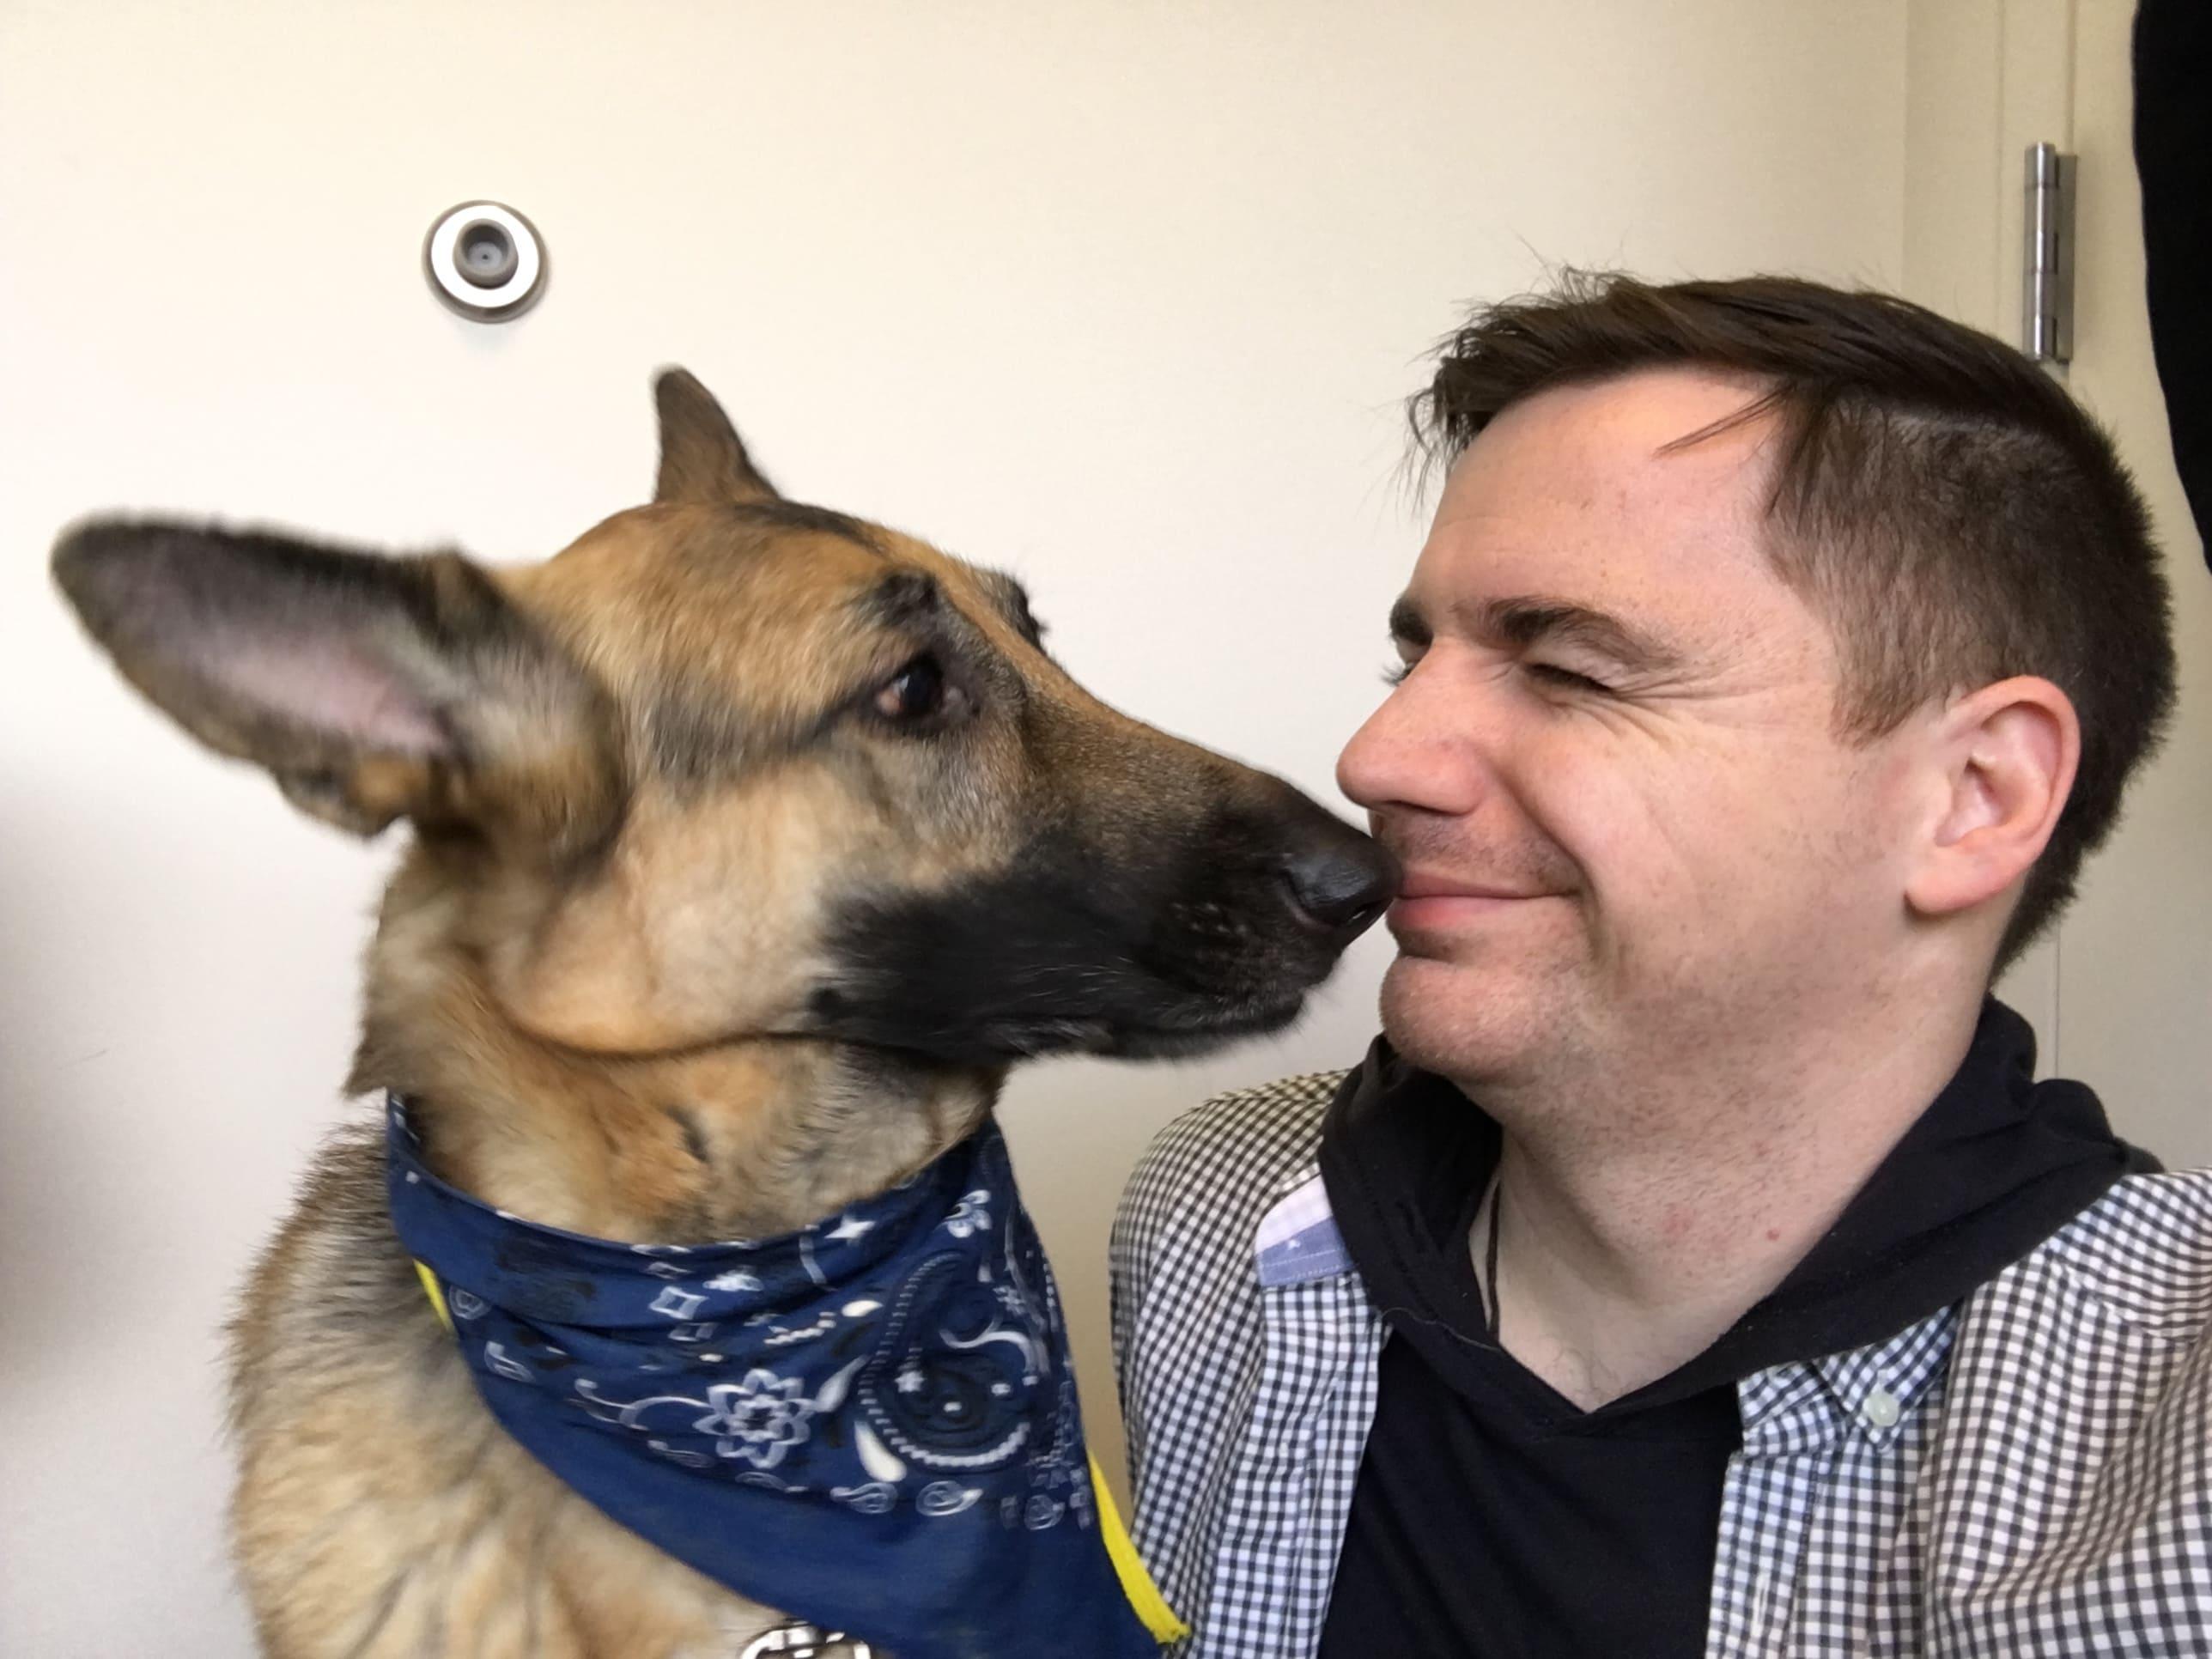 Xbox联合B社慈善捐款1万美元以纪念《辐射4》狗肉原型